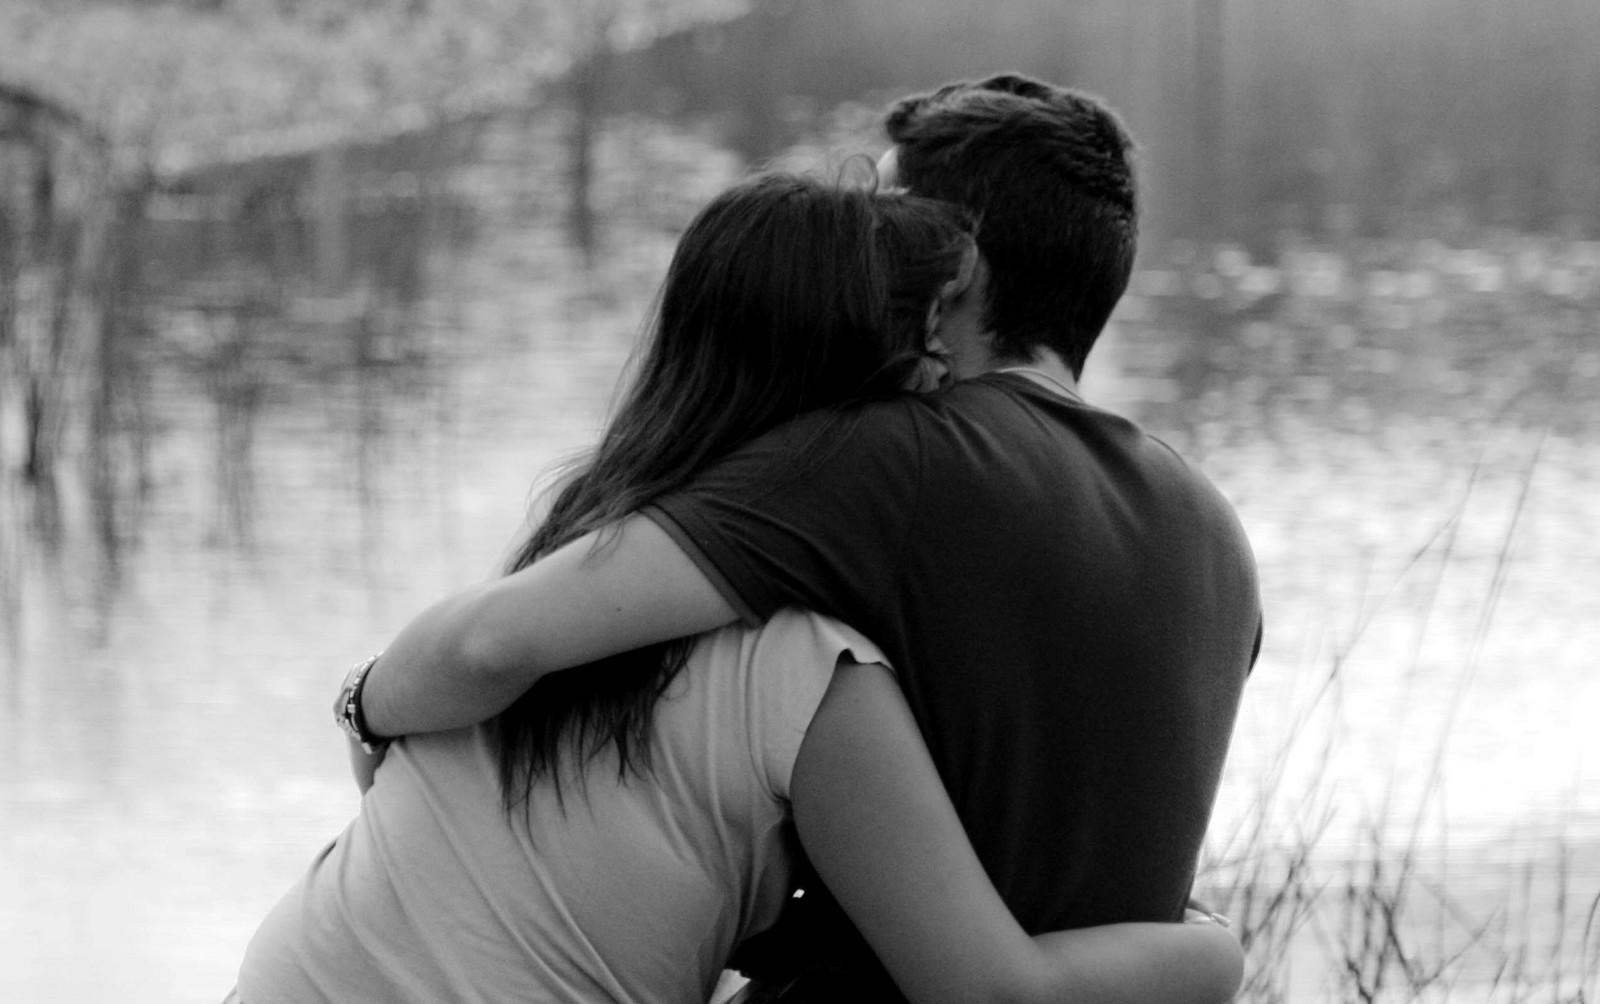 12 Razones para Posponer las Relaciones Sexuales Hasta el Matrimonio